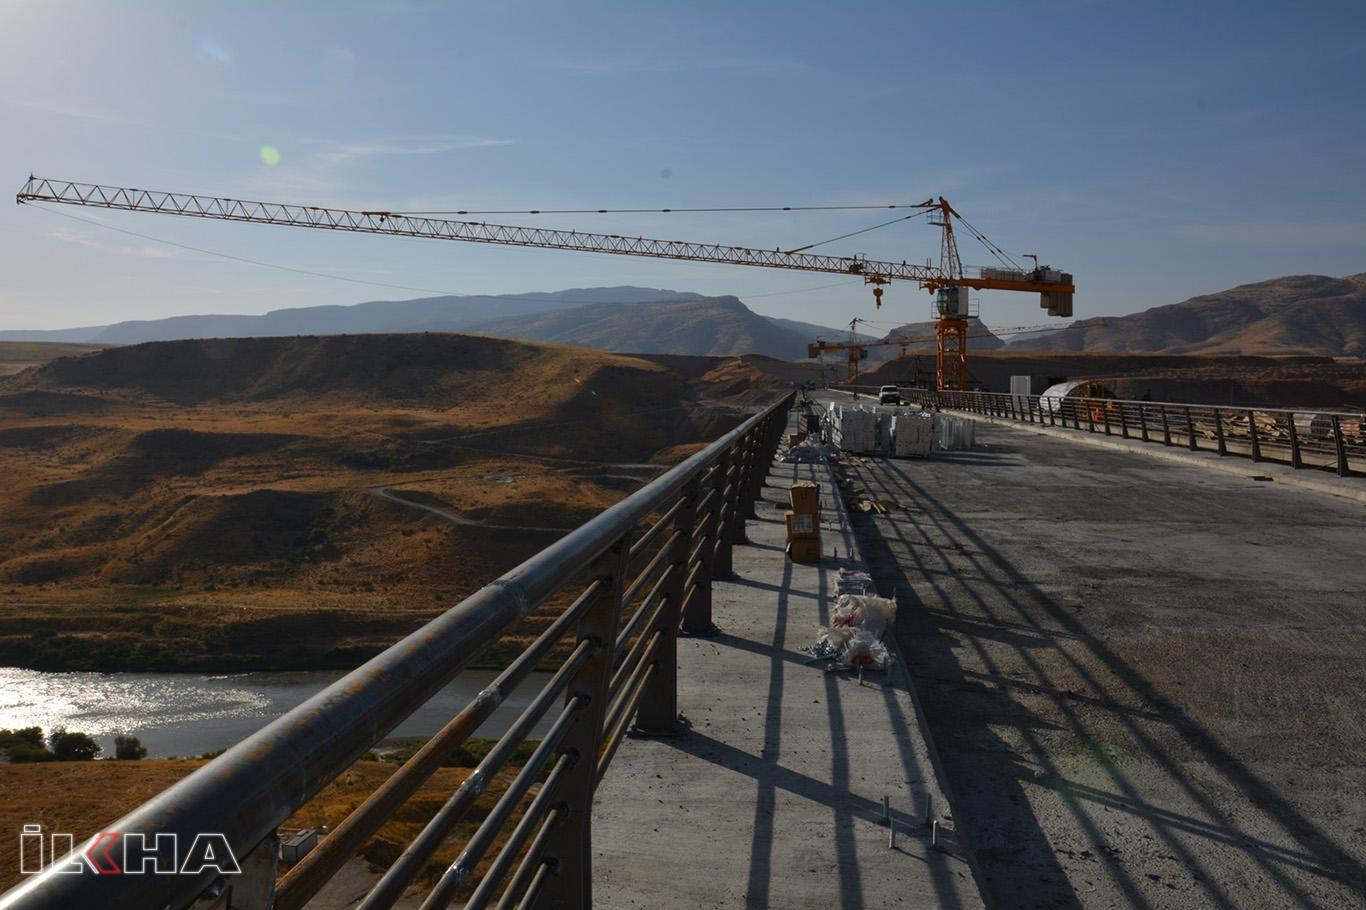 Türkiyenin 4üncü büyük köprüsü tamamlanmak üzere.